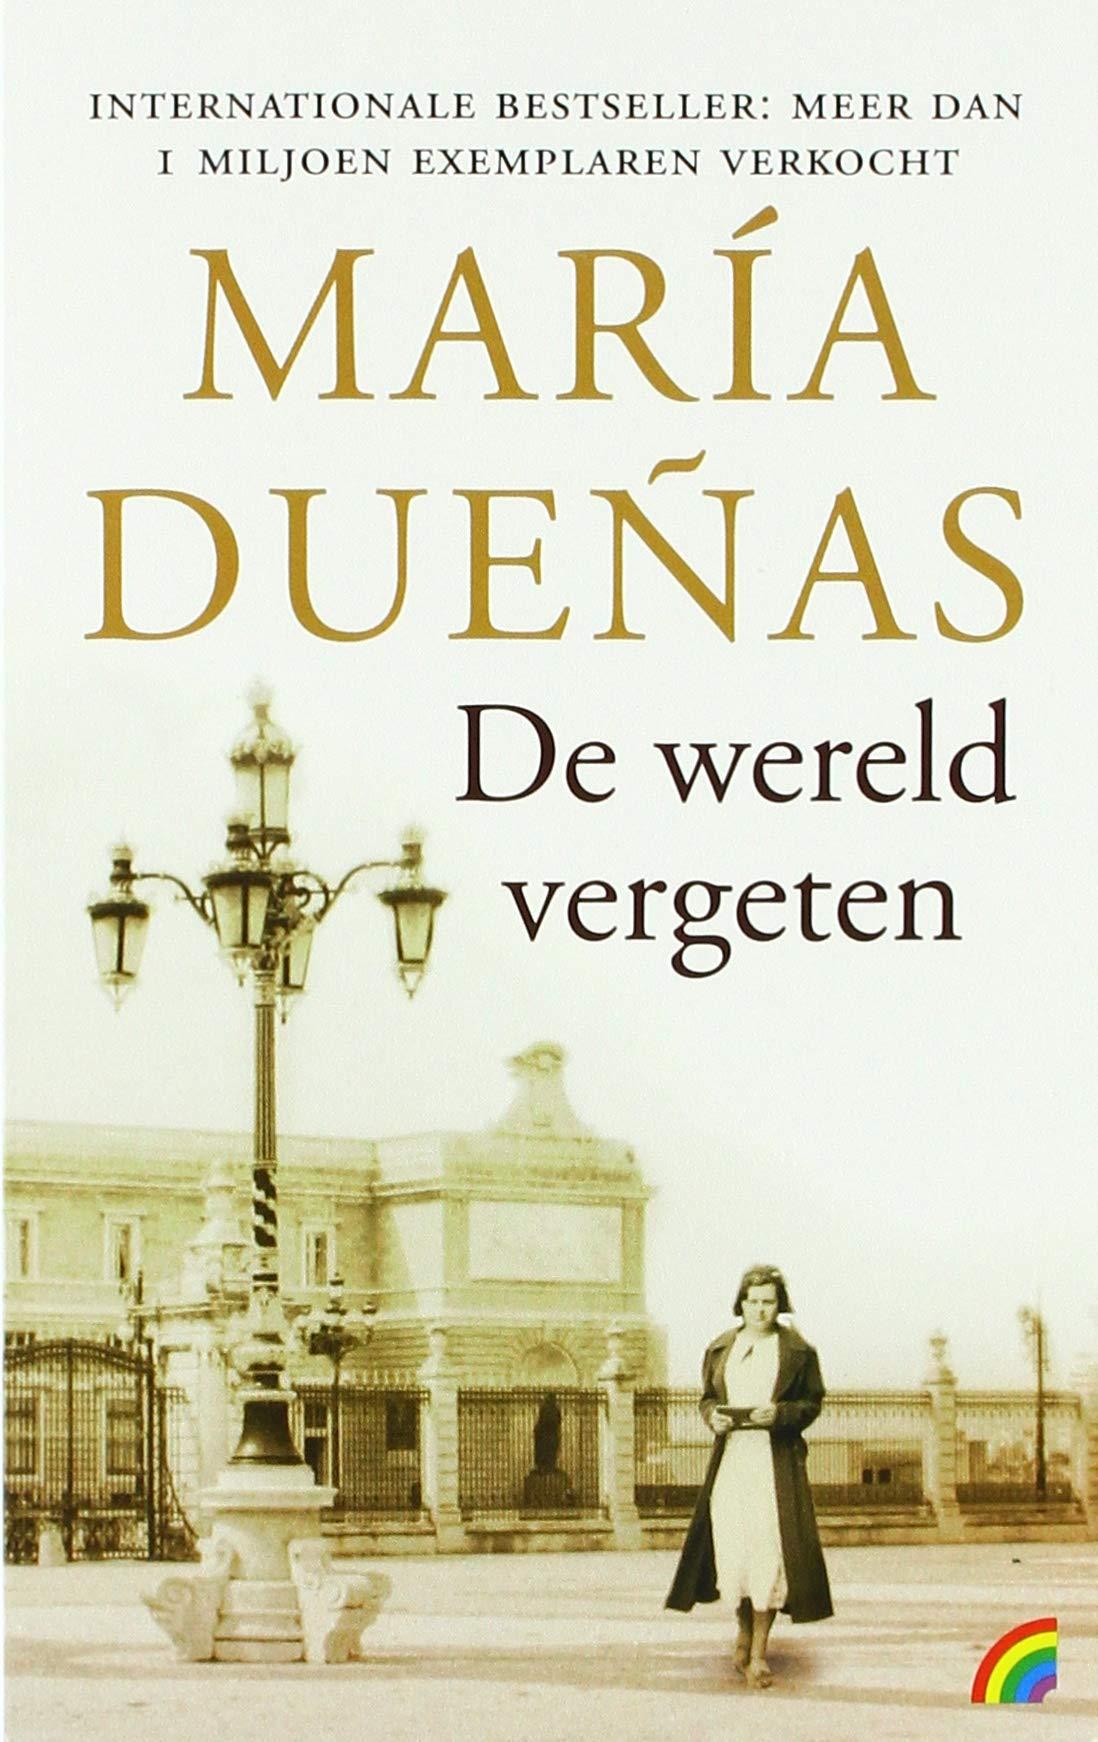 De wereld vergeten: Amazon.es: María Dueñas, Henk van den Heuvel, Evert Janssen: Libros en idiomas extranjeros